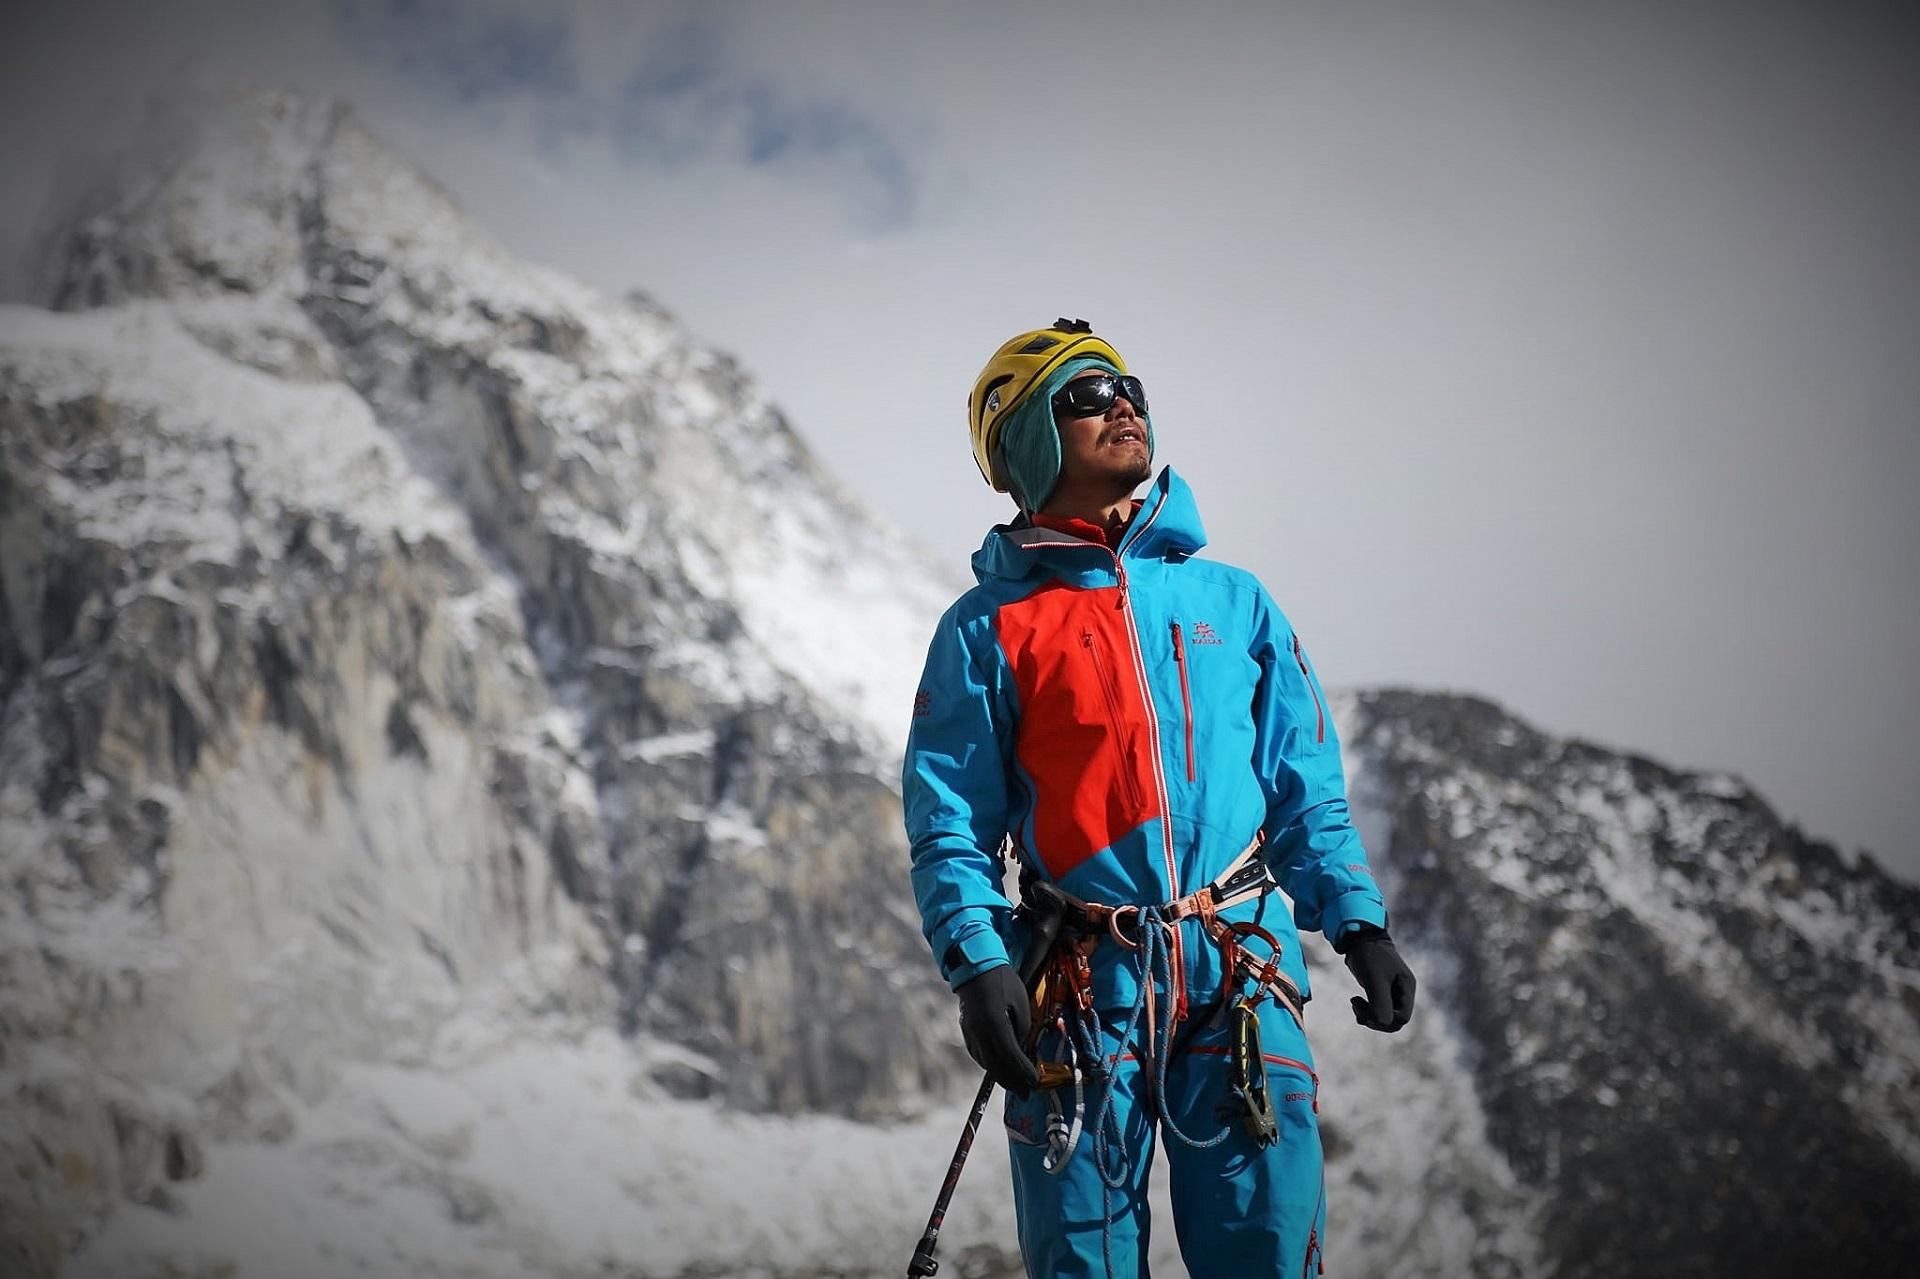 Δύναμη ψυχής: Στην κορυφή του Έβερεστ για πρώτη φορά τυφλός Ασιάτης ορειβάτης